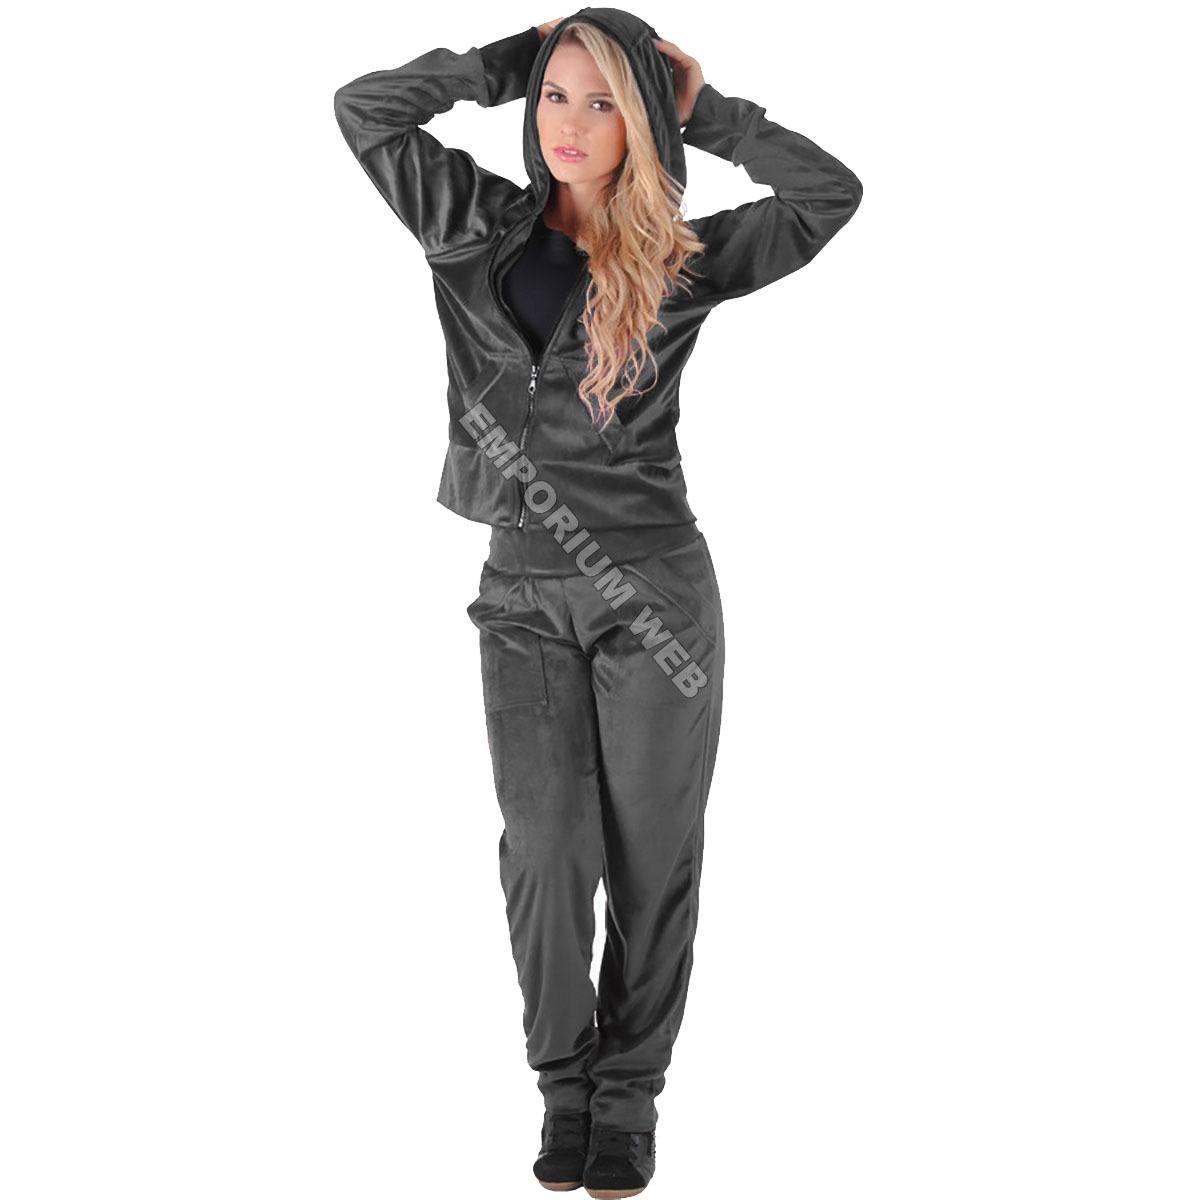 Conjunto Feminino Plush / Veludo (Calça + Blusa com capuz) - Cinza